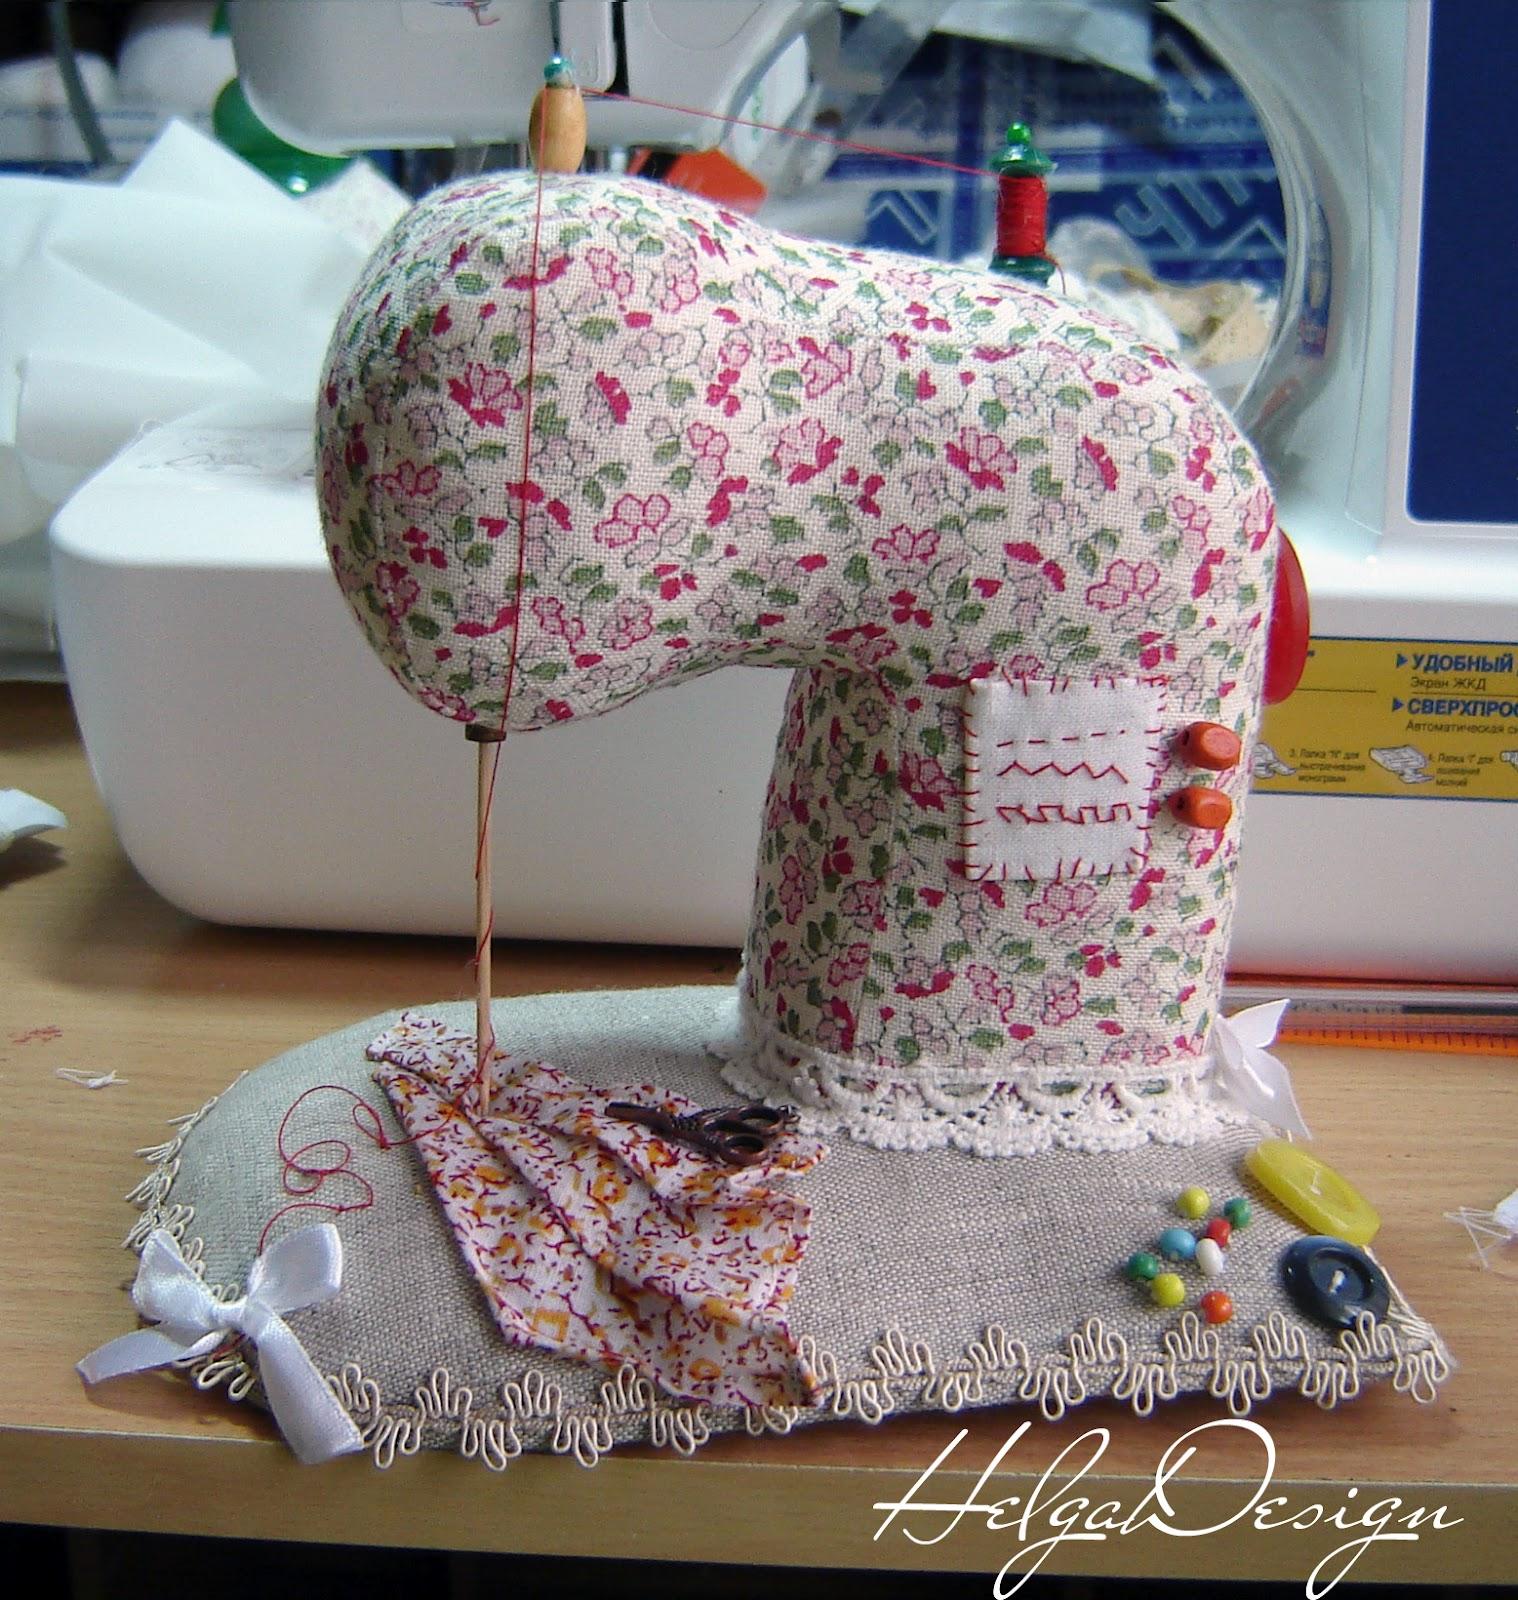 Сшить игольницу на швейную машинку